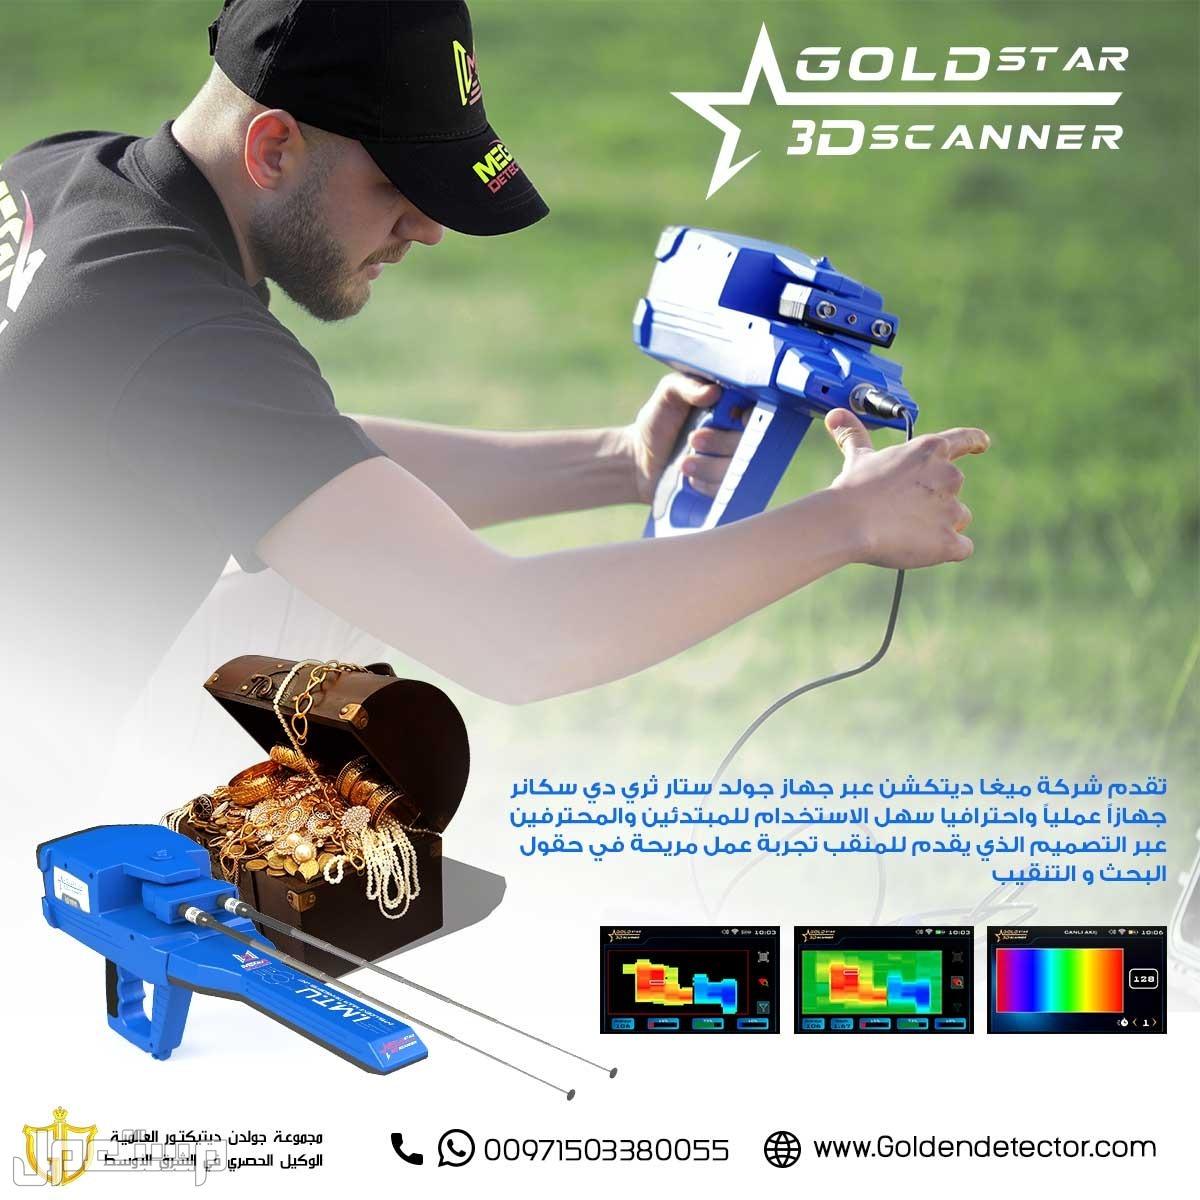 جهاز كشف الذهب جولد ستار التصويري ثلاثي الابعاد 2021 جهاز كشف الذهب جولد ستار التصويري ثلاثي الابعاد